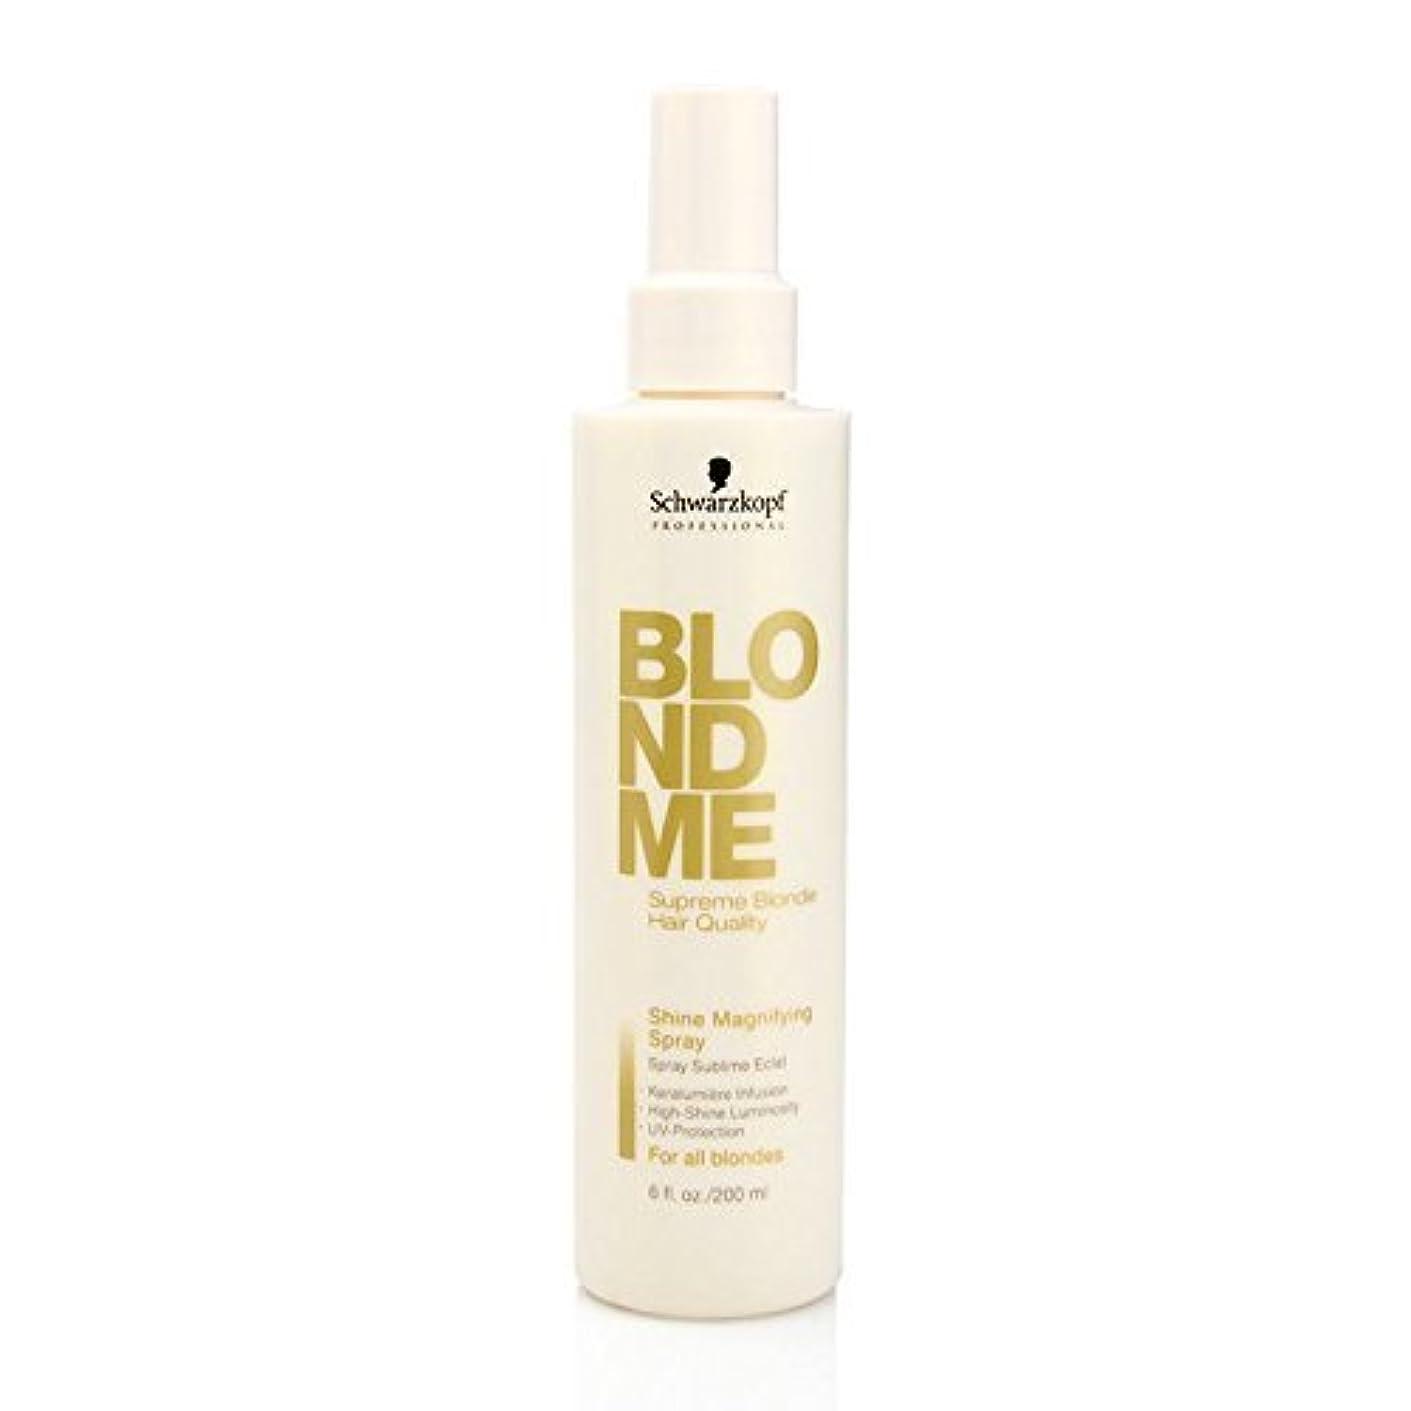 アンペアジェーンオースティン微生物by Blondme SHINE MAGINYING SPARY 6 OZ by BLONDME